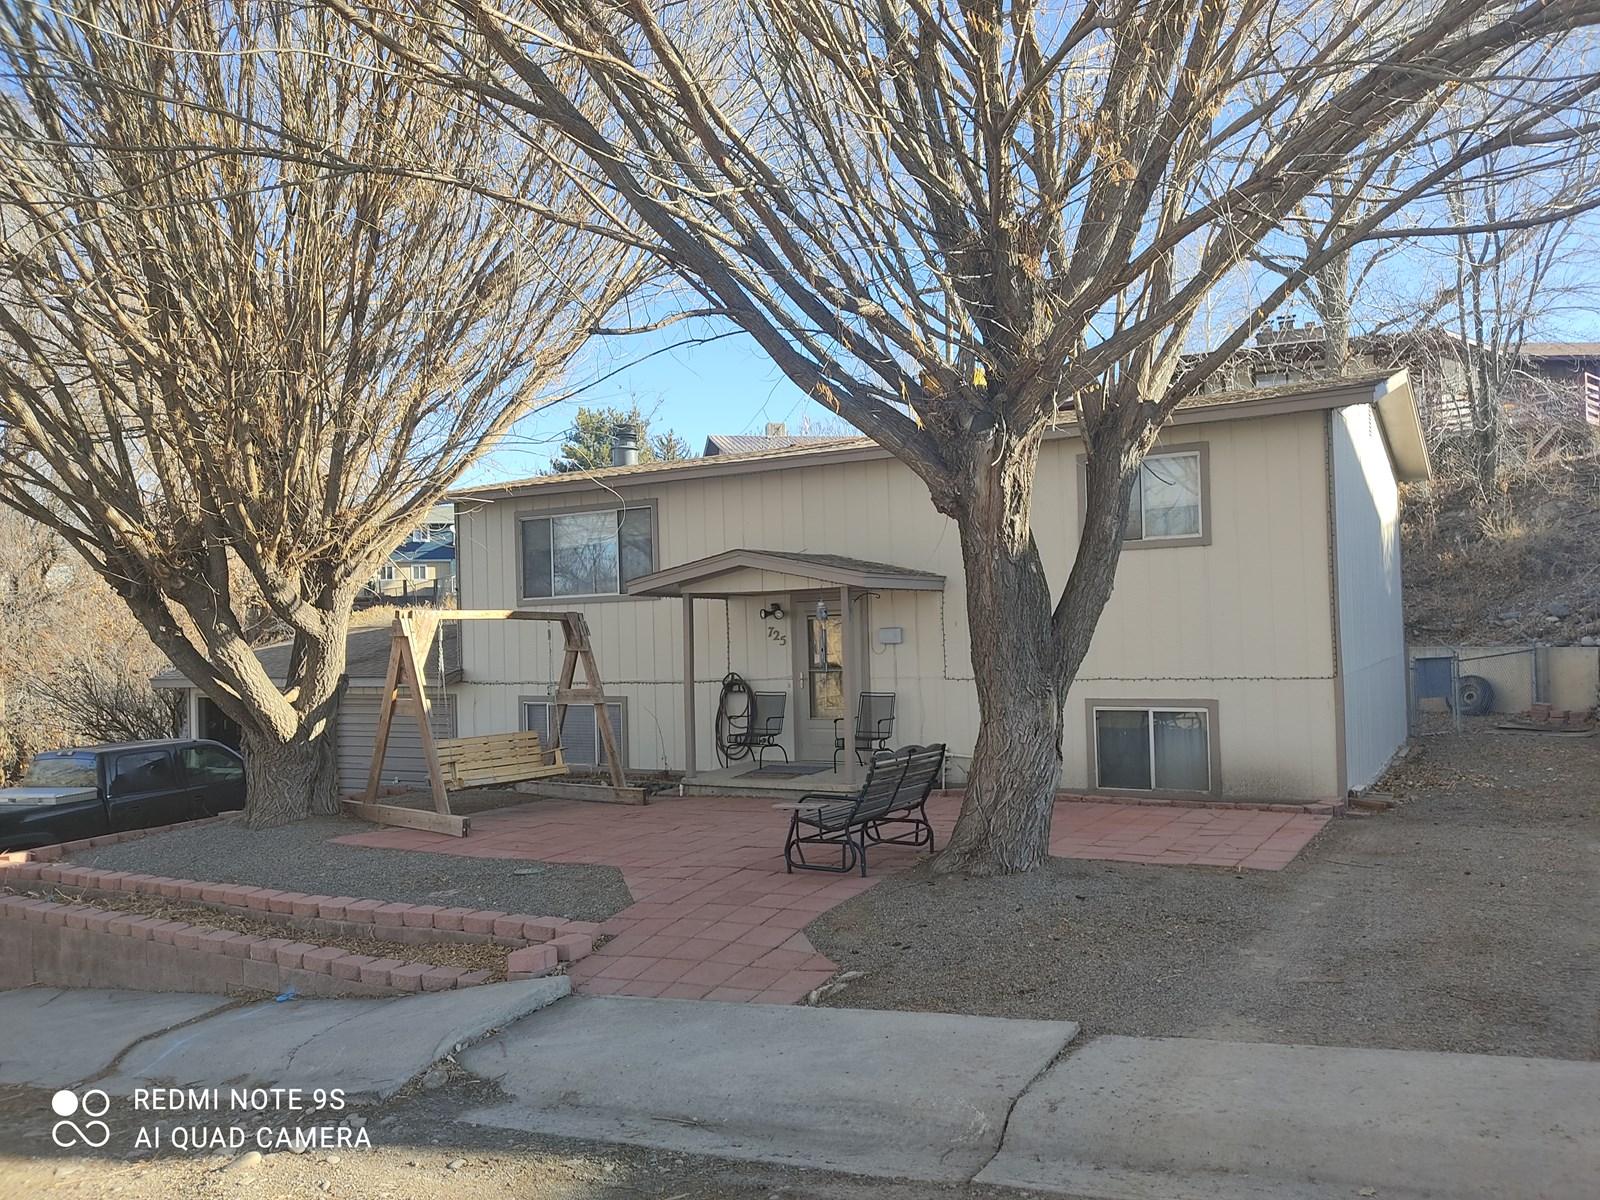 4 Bedroom Delta Colorado Home For Sale